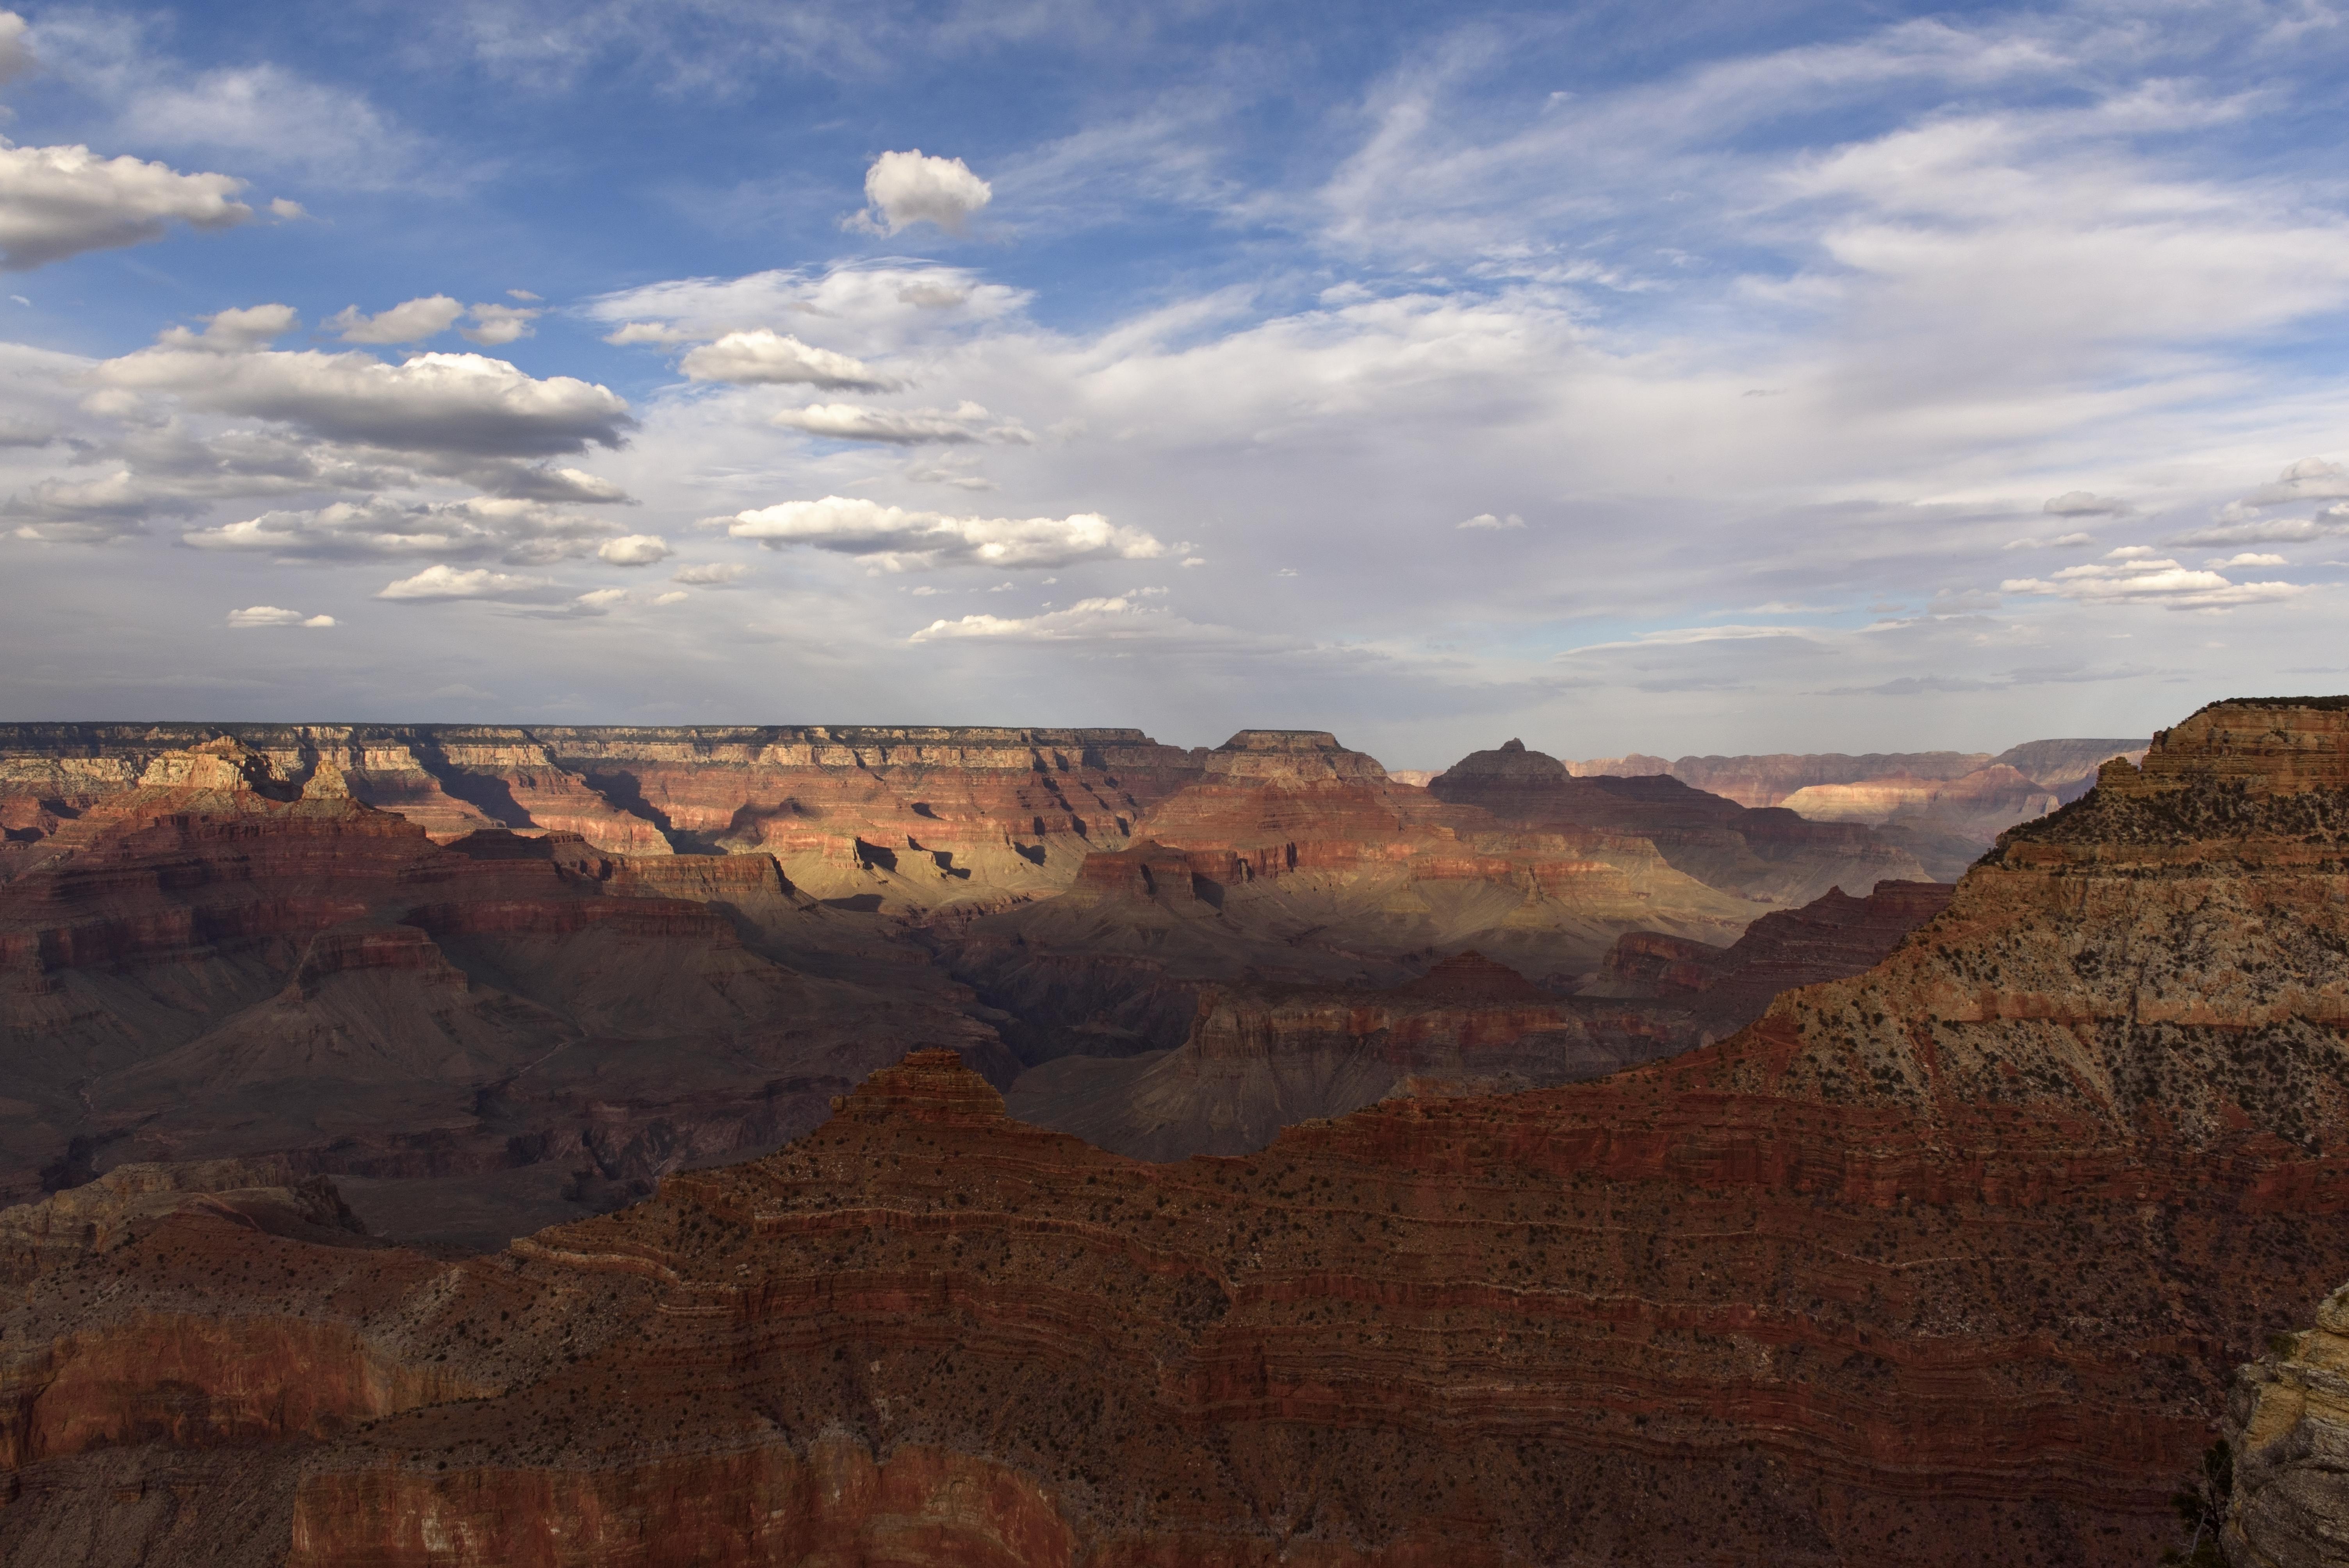 2018-04-02 - Grand Canyon Trip Day 2 - 1